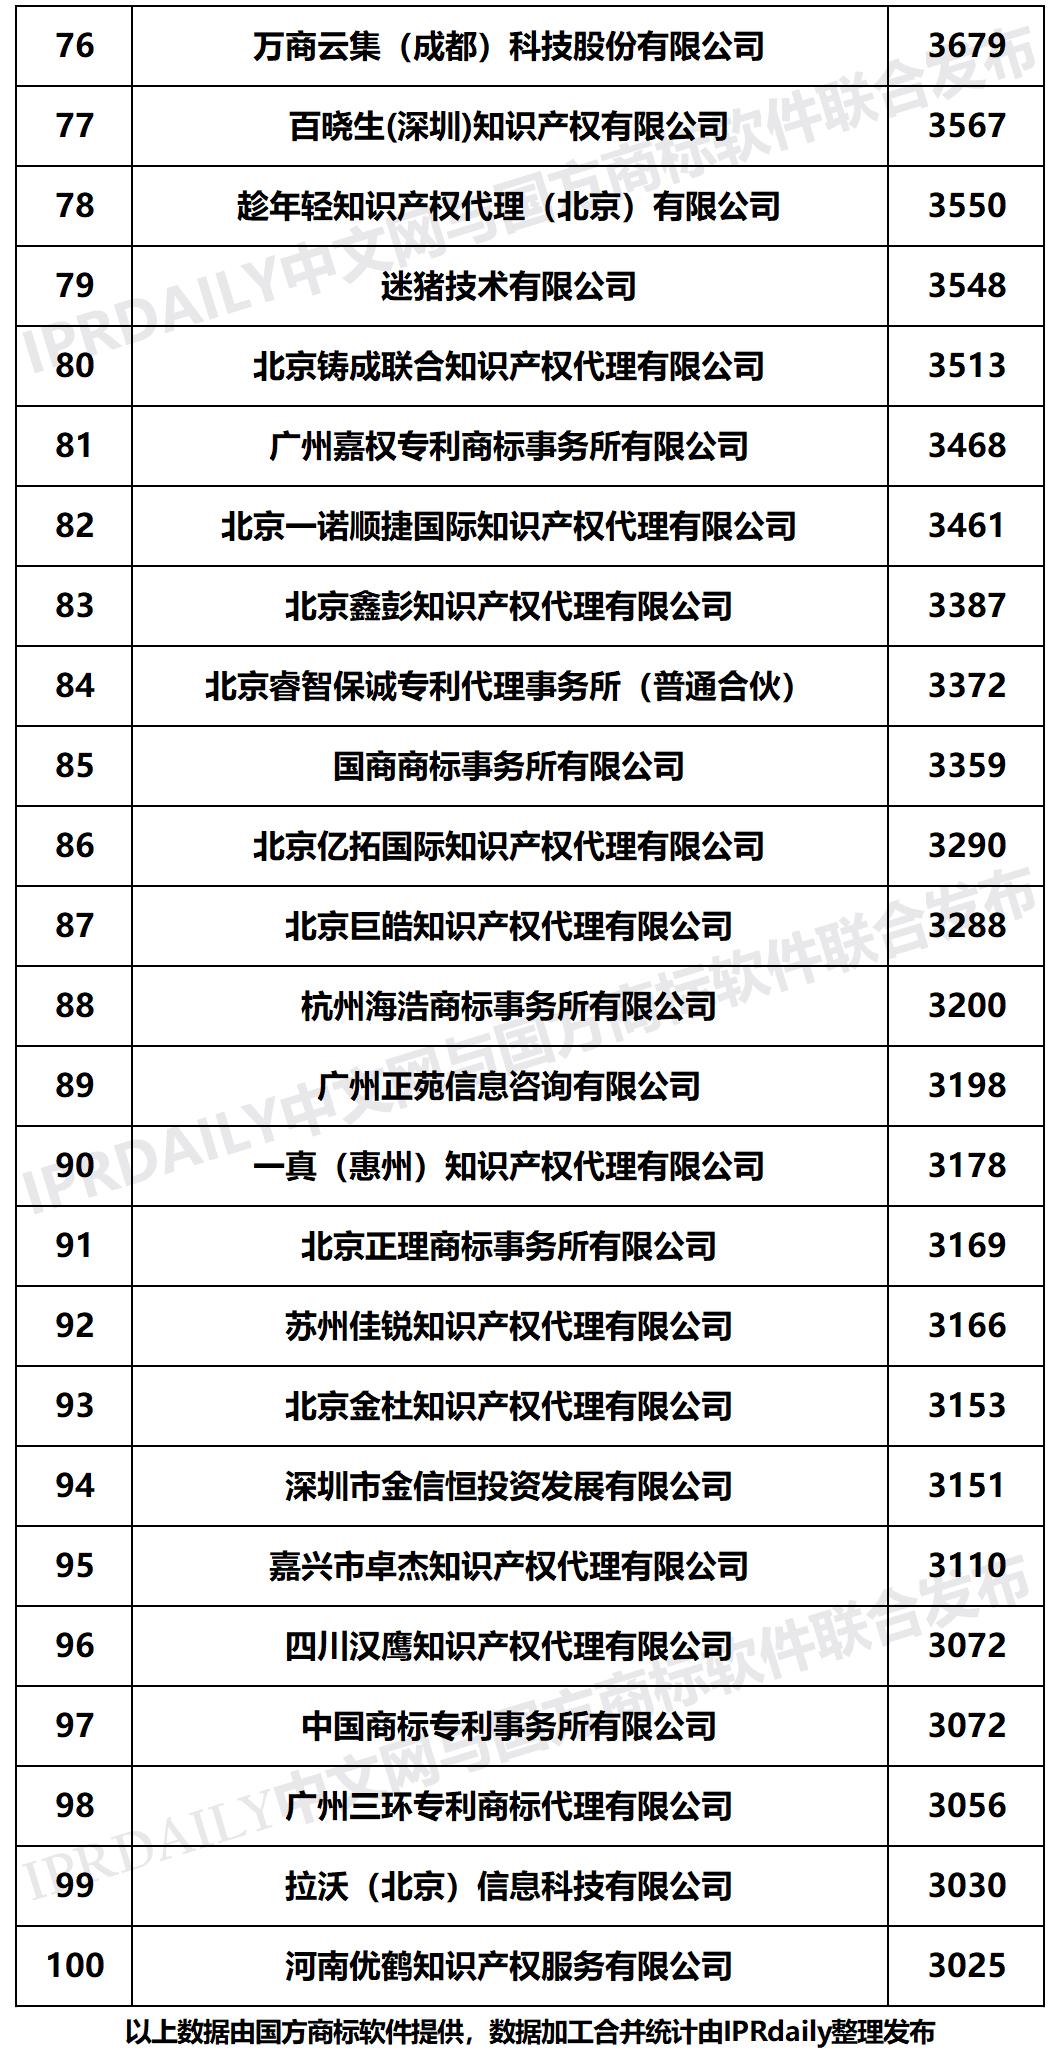 2020年上半年全国商标代理机构申请量榜单(TOP100)